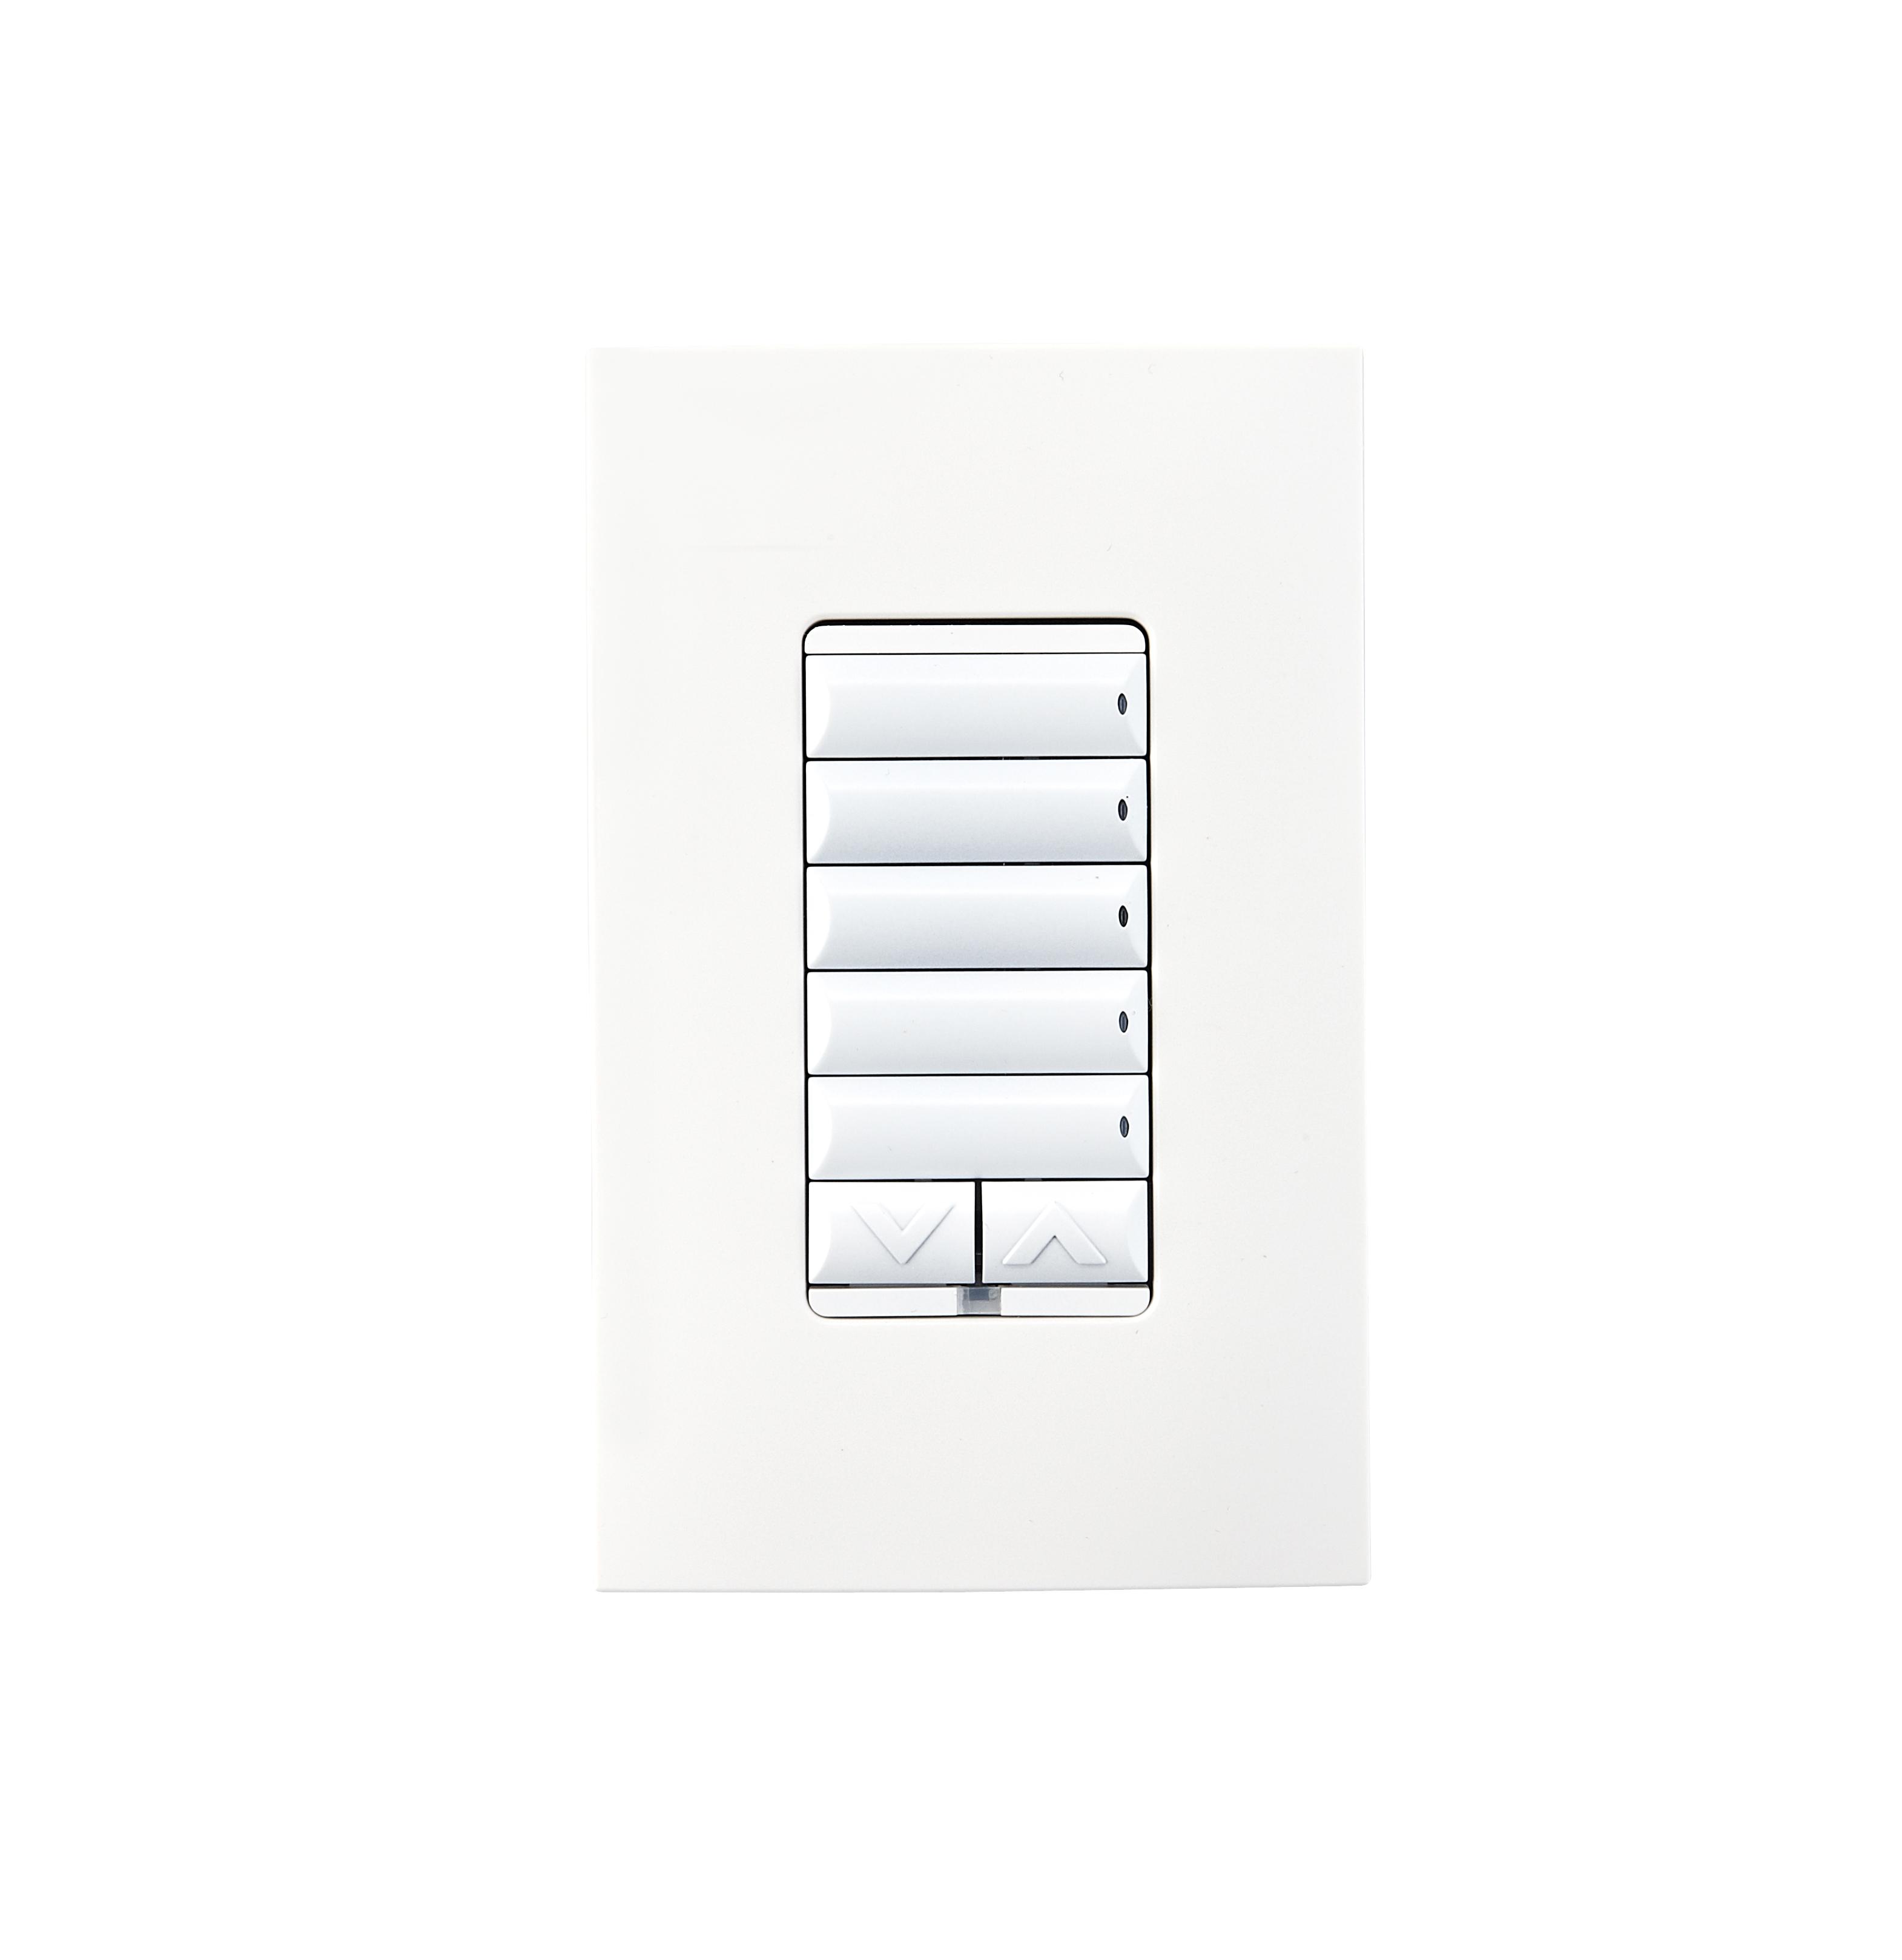 Control 4 Keypad Dimmer With Light Load 120V SSI